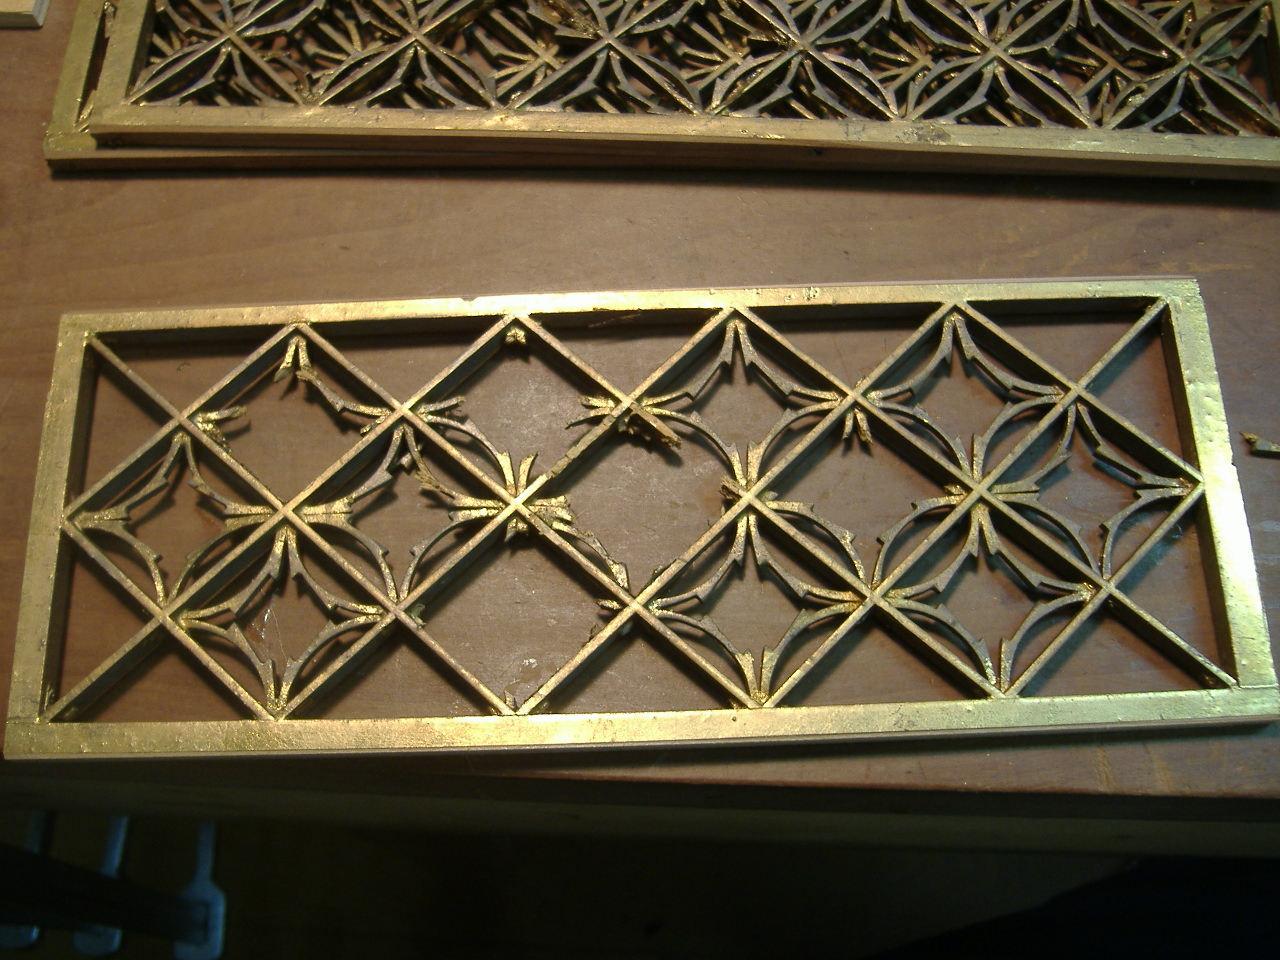 仏壇洗濯・修理 細かい部品が紛失していますが、多い時は100個以上作ることにもあります。